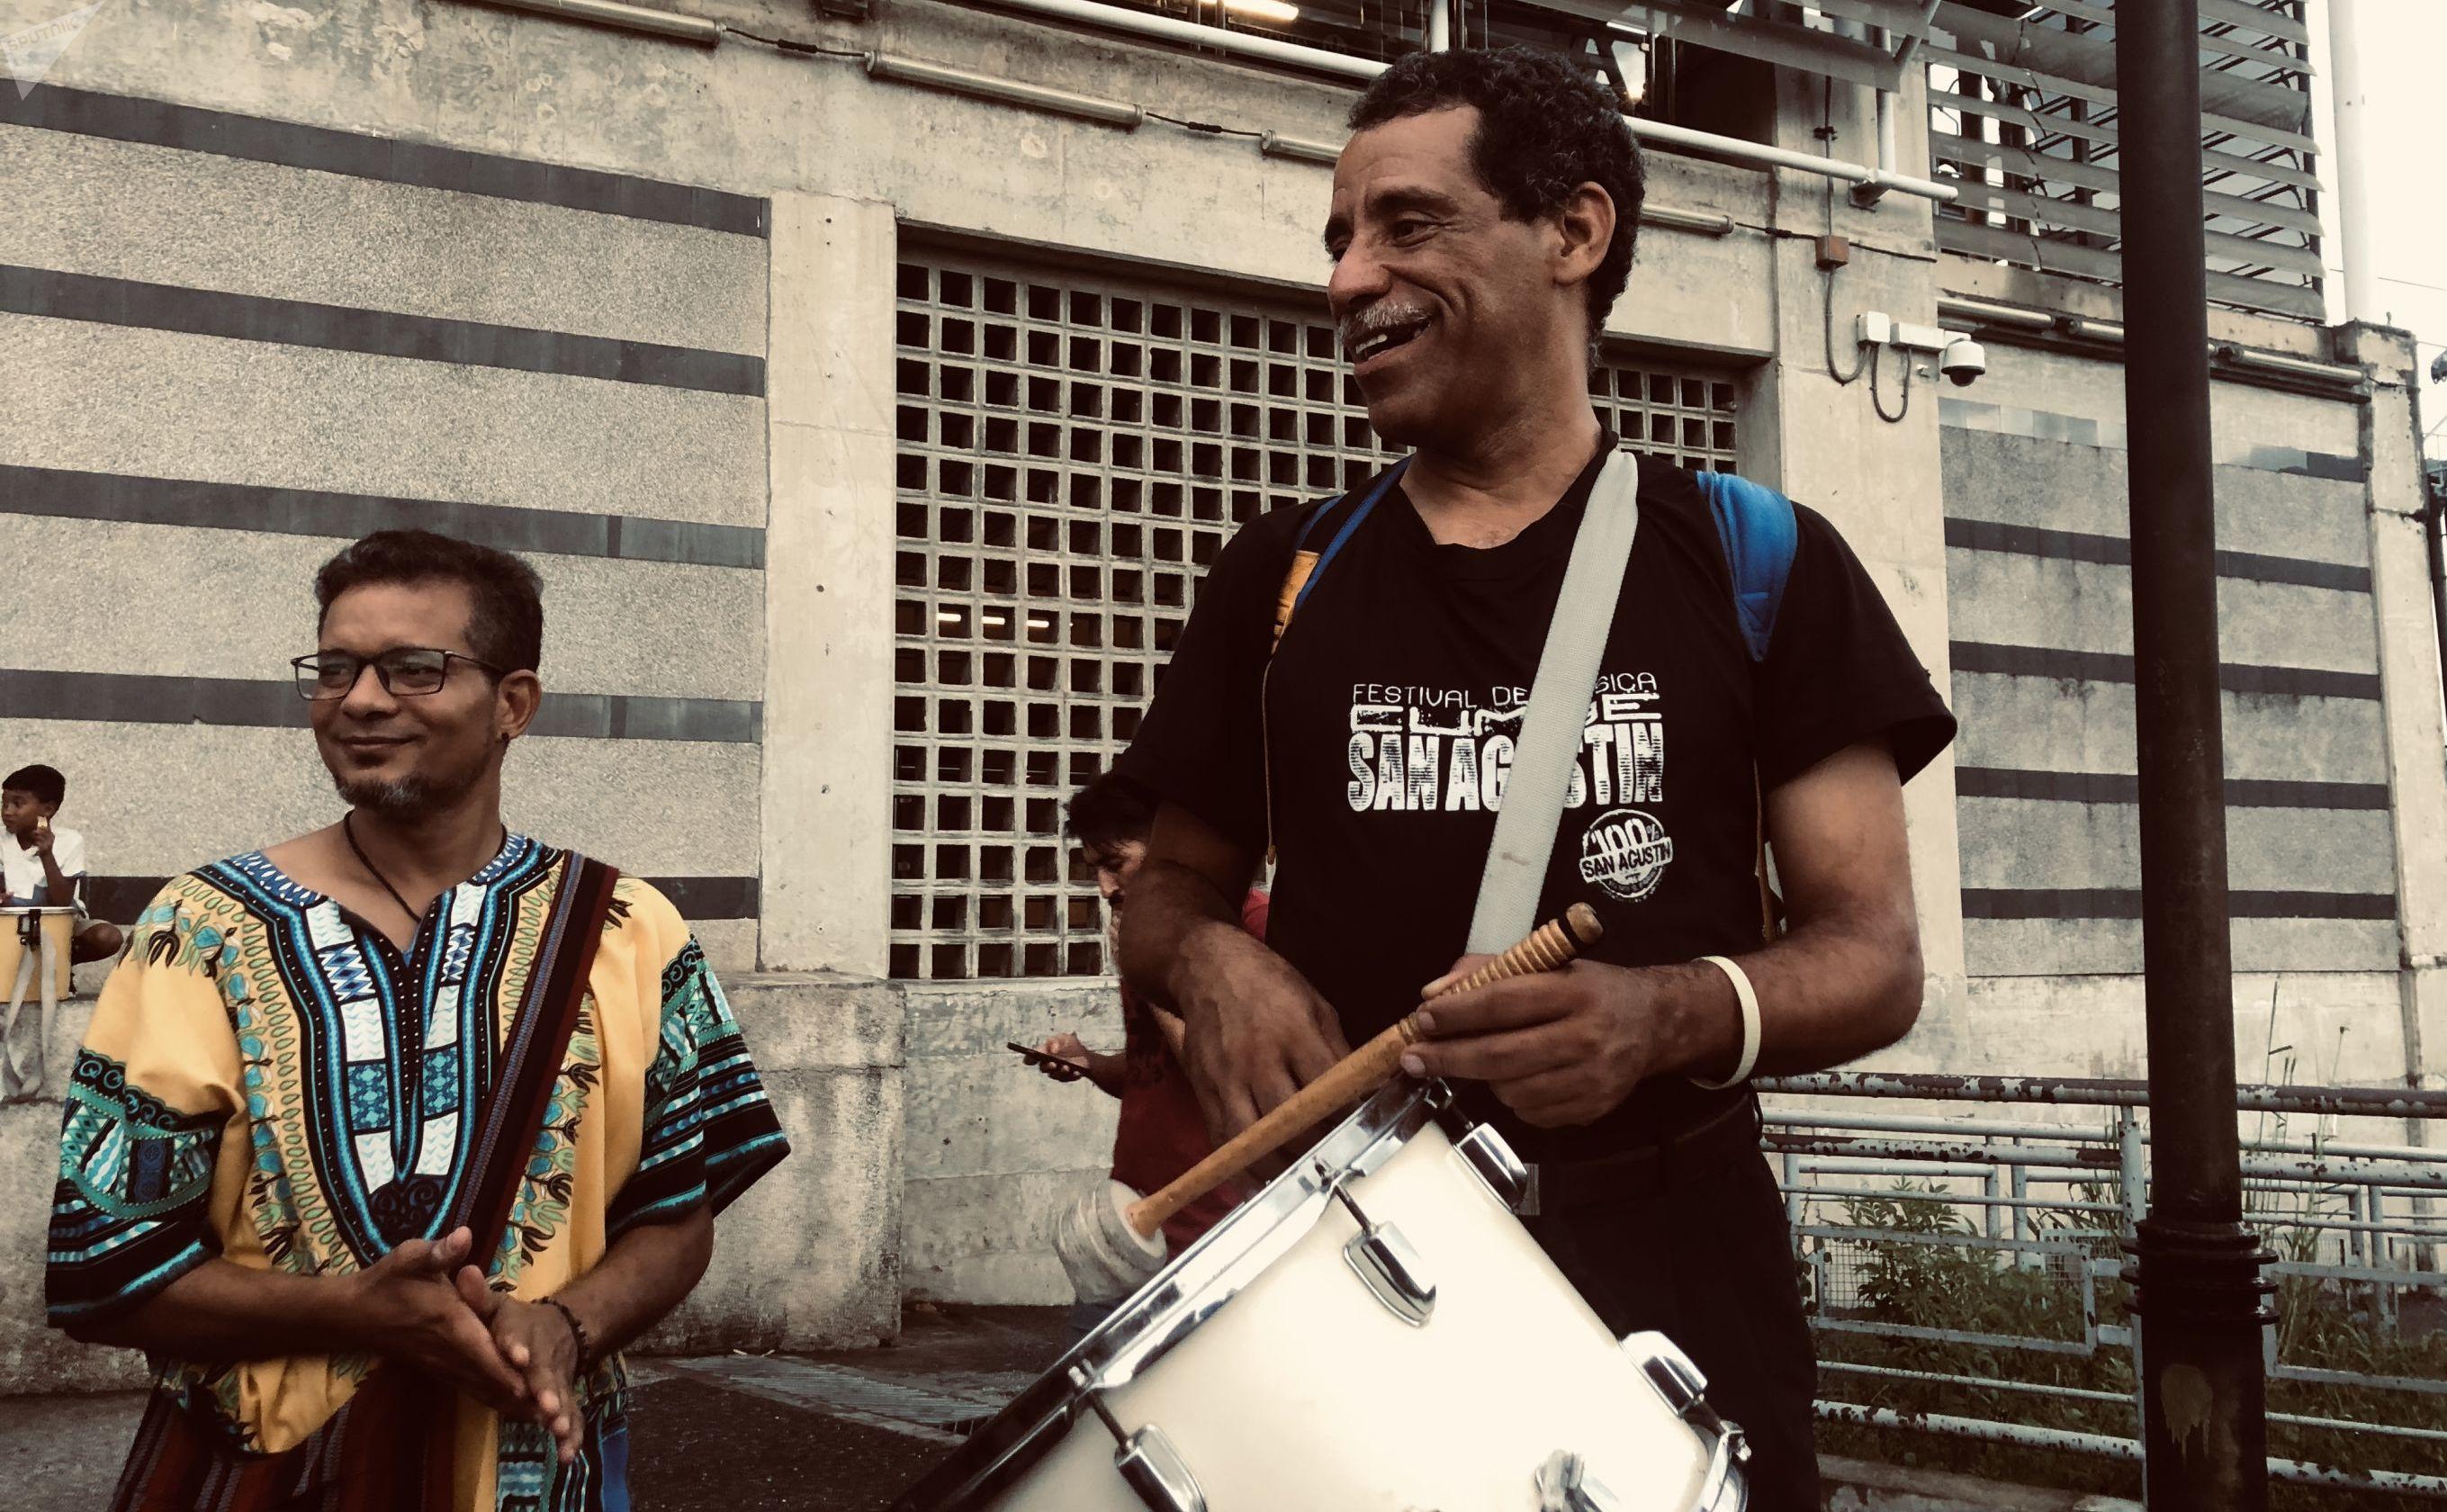 Músico con tambor en barrio San Agustín de Caracas